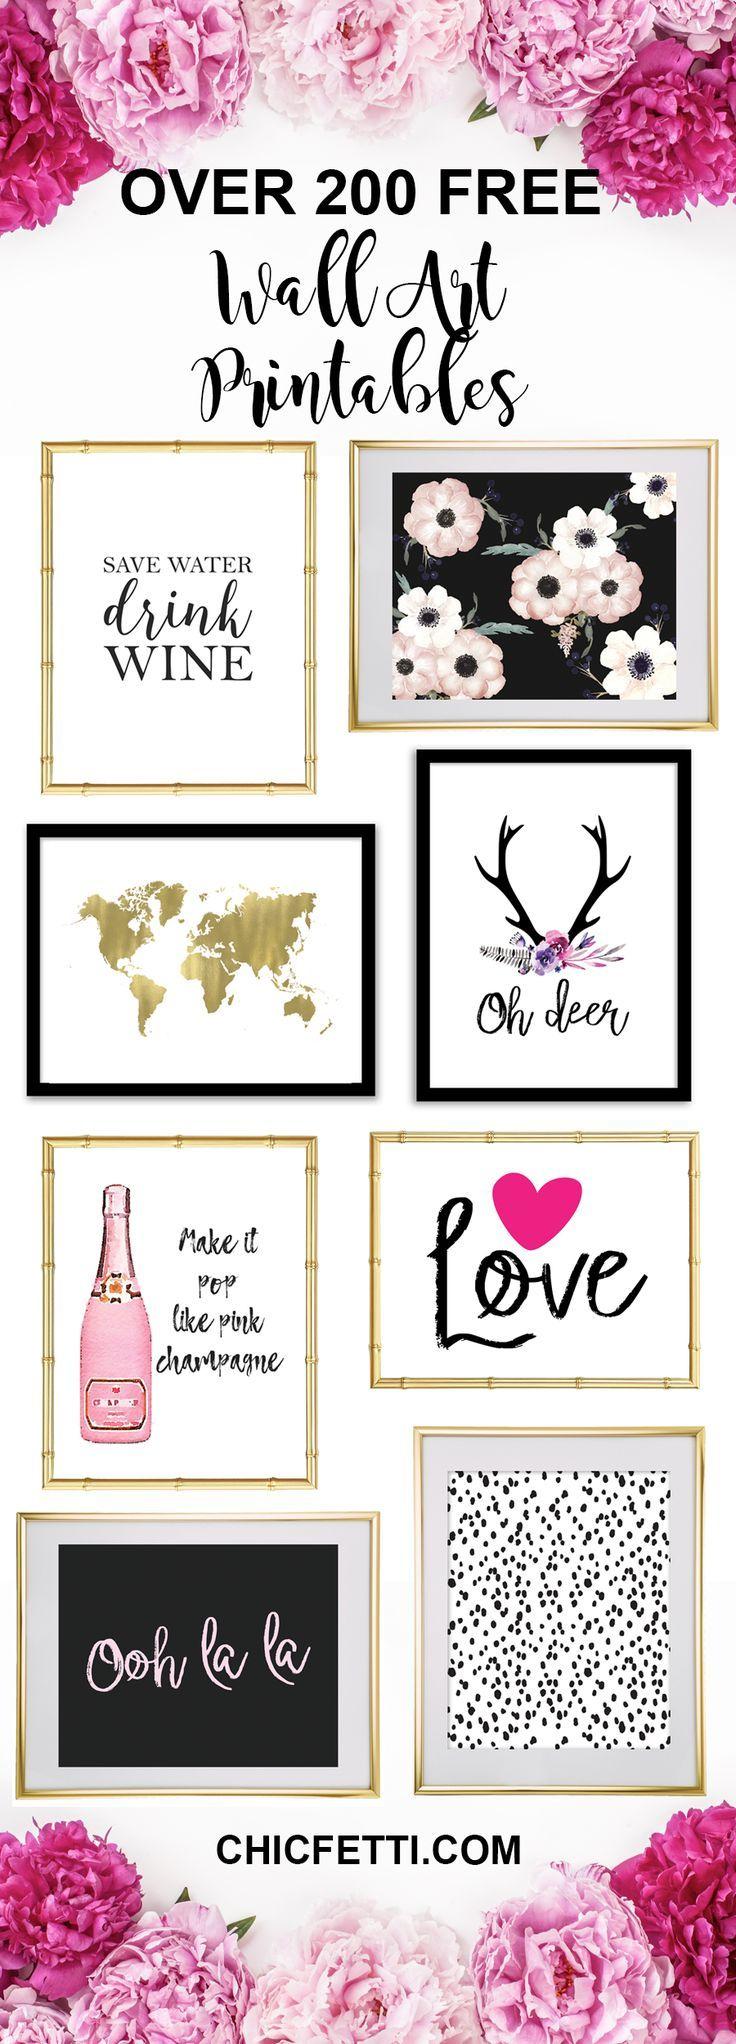 Printable Wall Art - Print Wall Decor And Poster Prints For Your - Free Printable Wall Posters